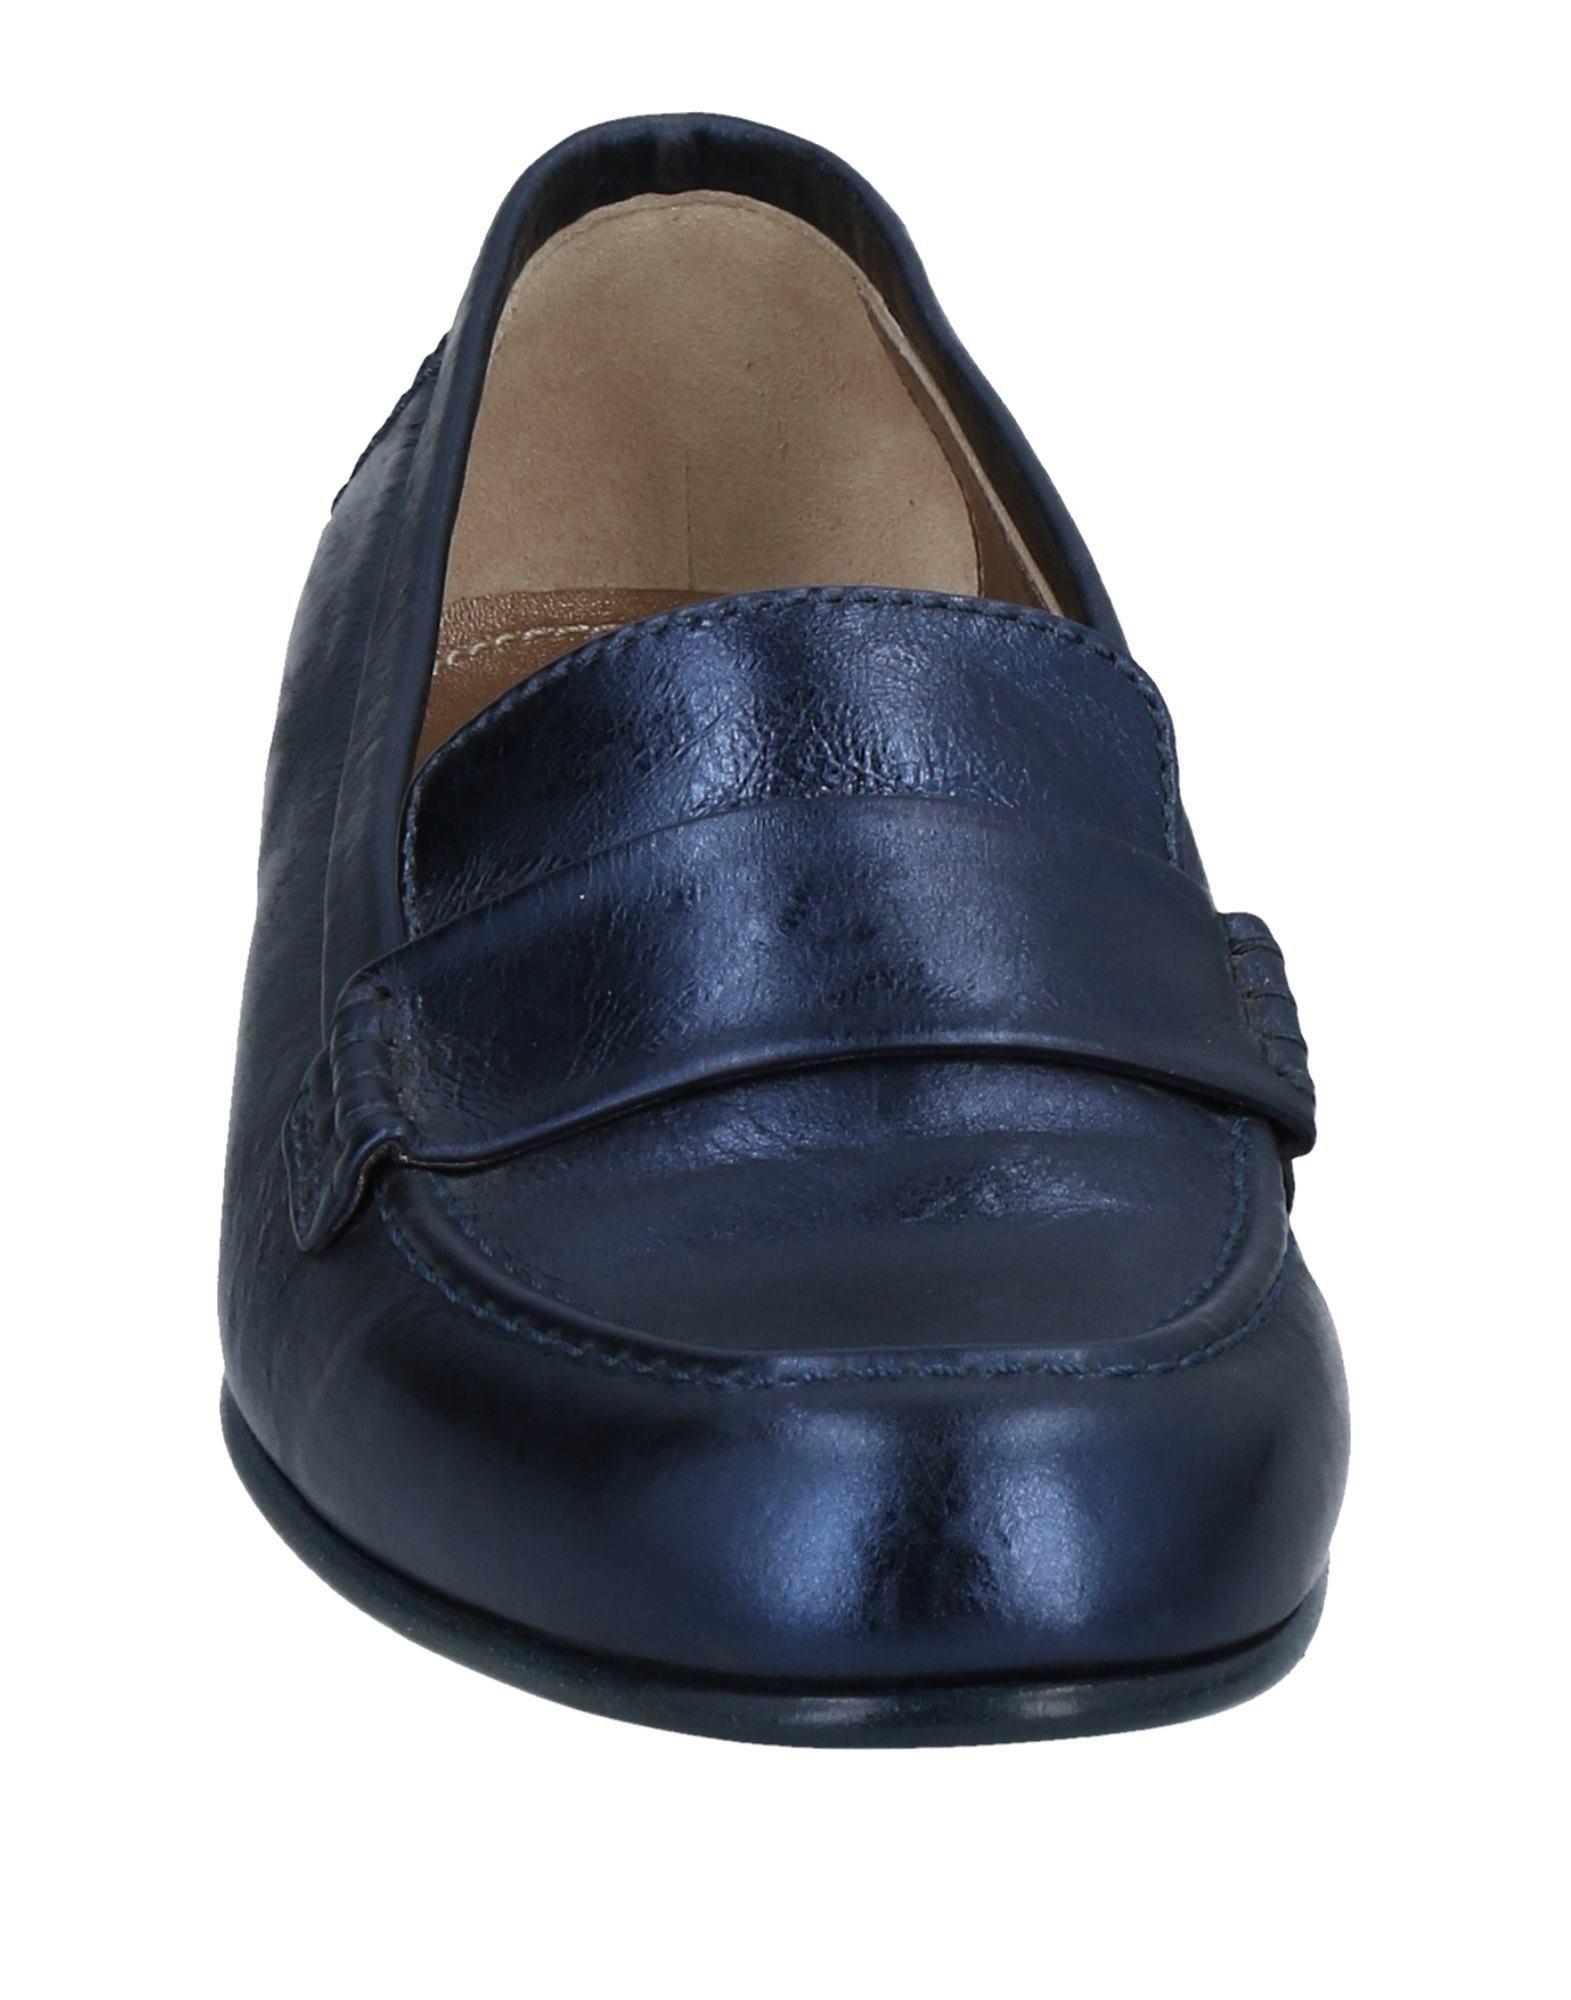 Rabatt  Schuhe Lanvin Mokassins Damen  Rabatt 11503369BE d4b2de